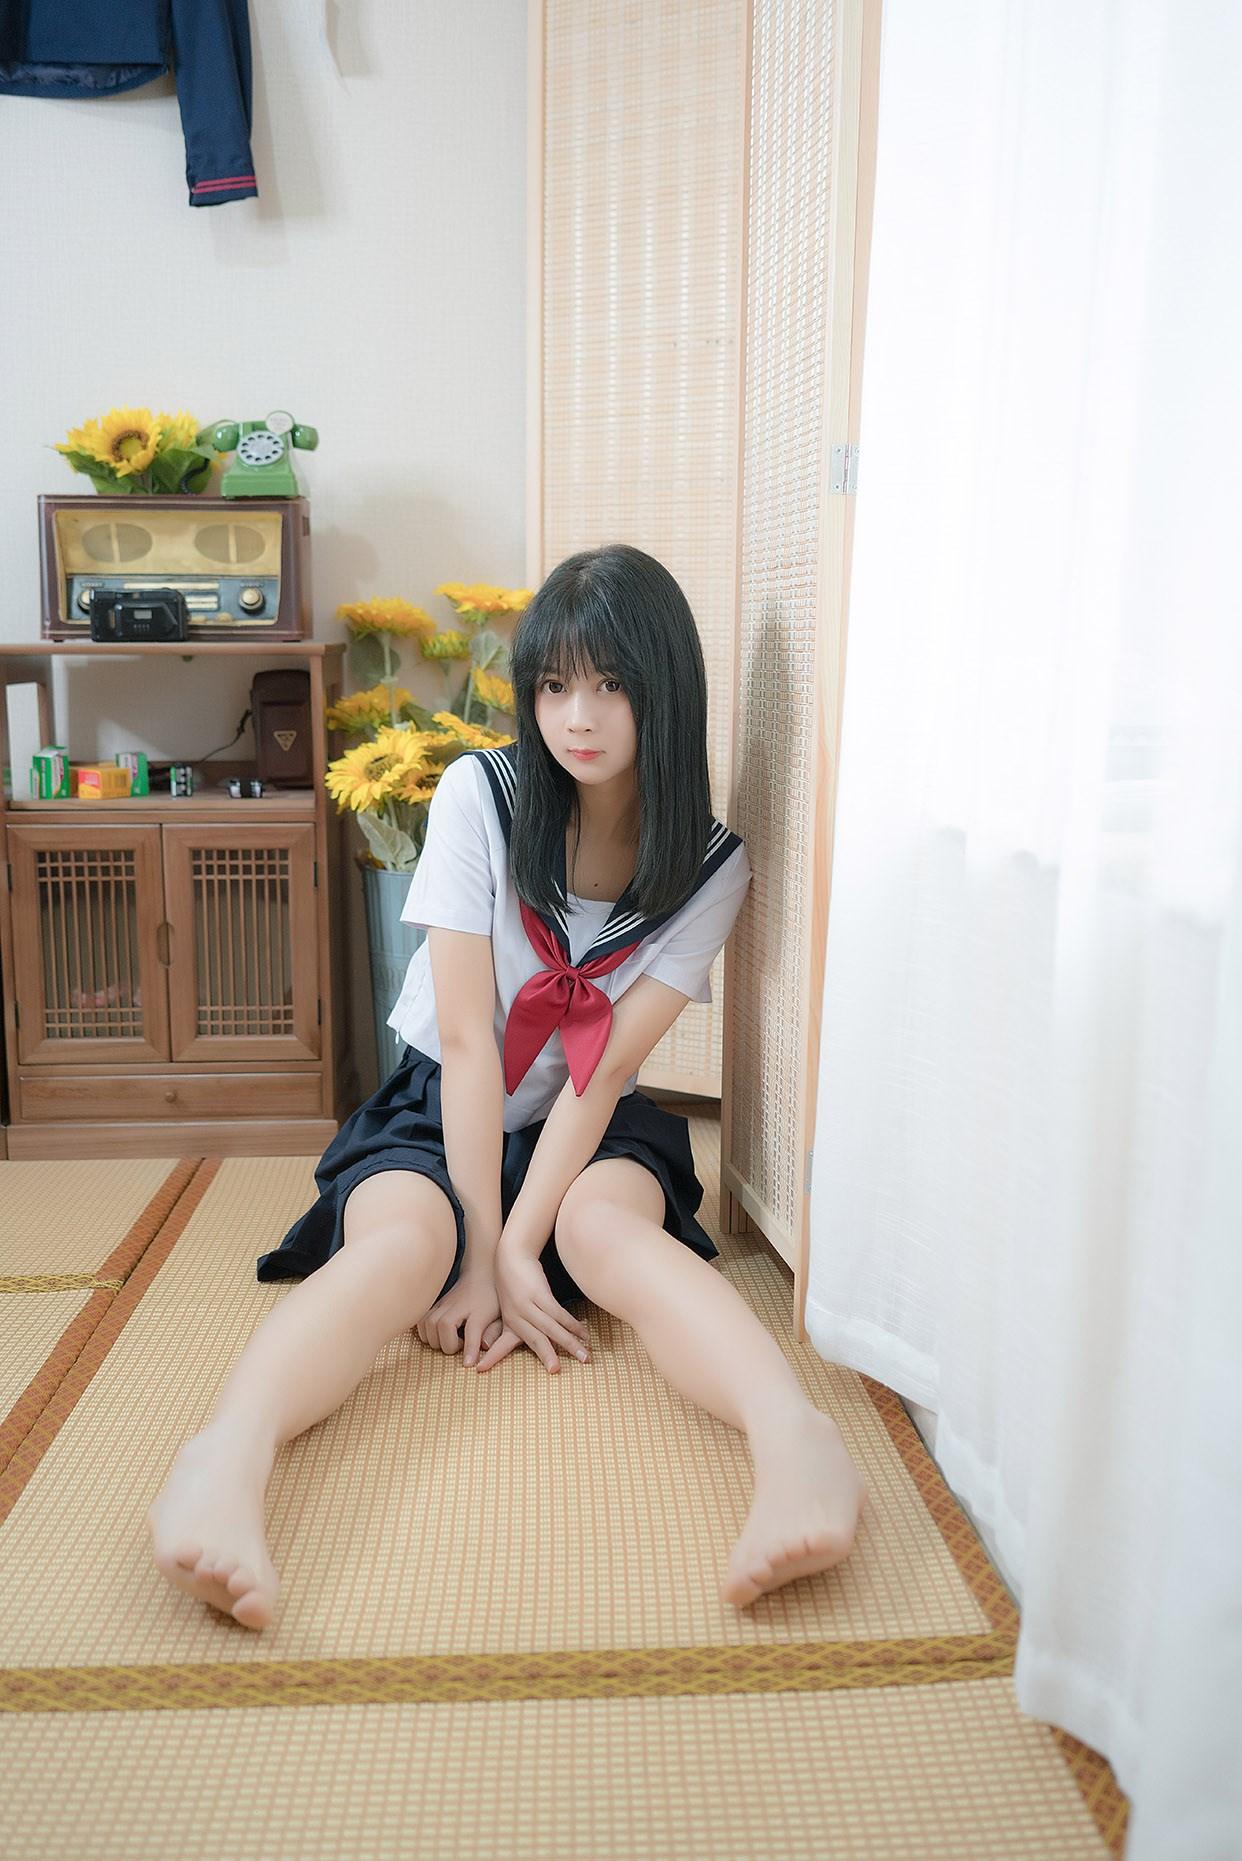 【兔玩映画】vol.16-少女心事 兔玩映画 第10张